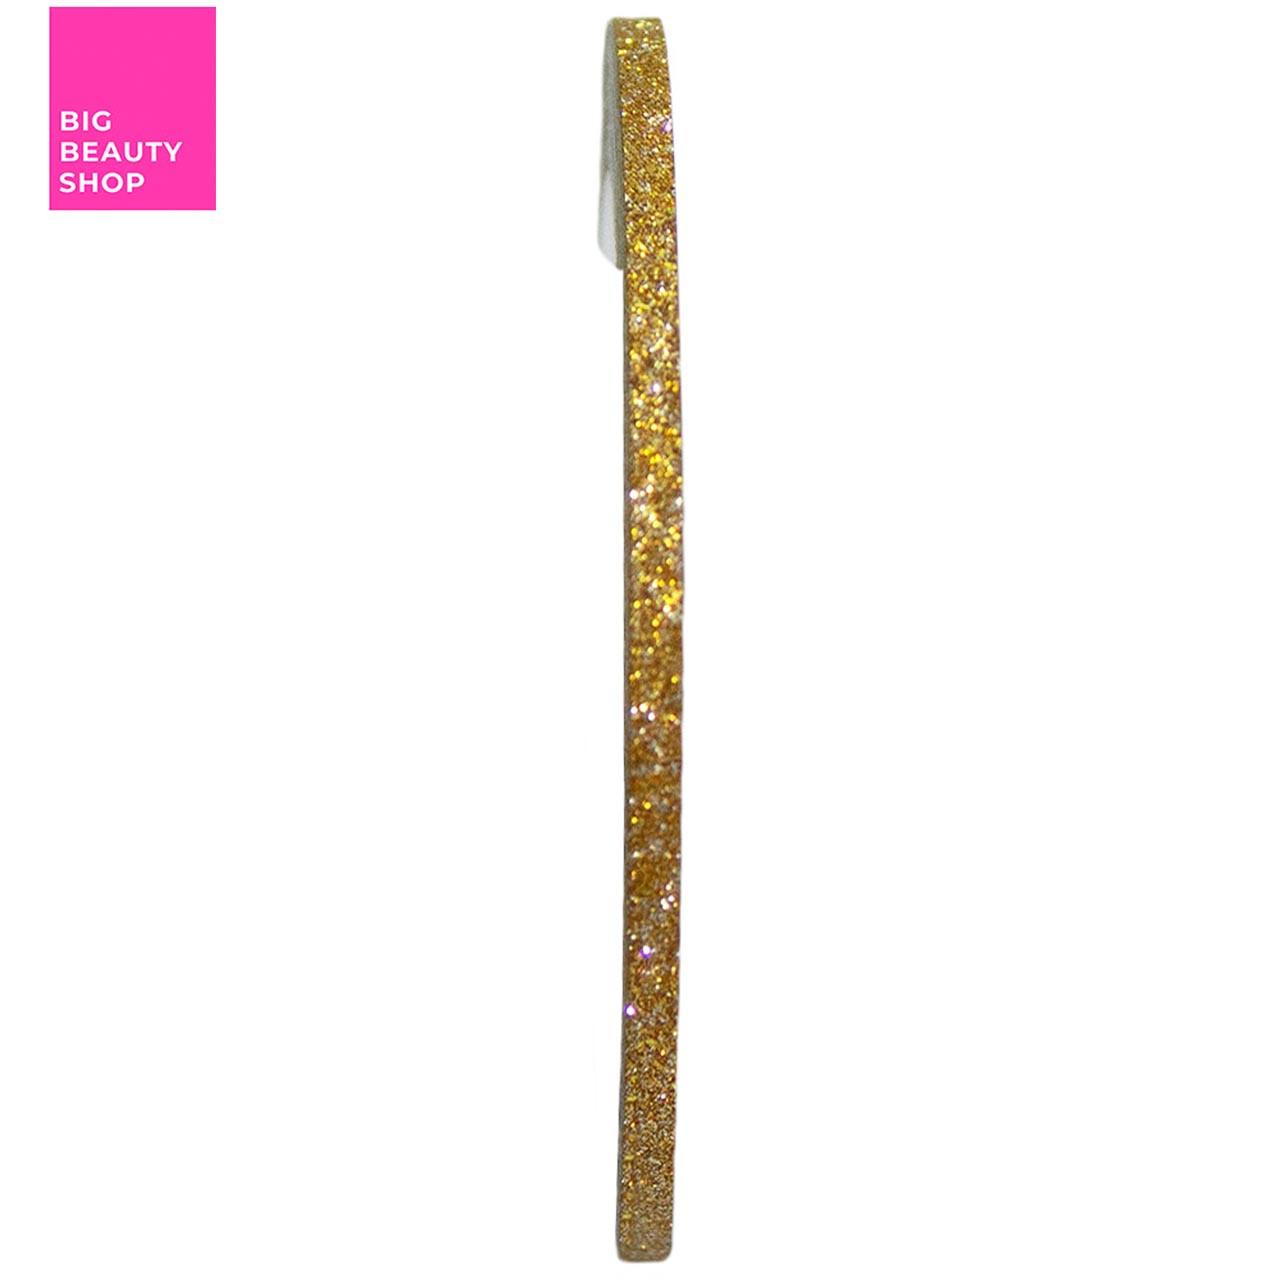 Голографическая полоска для ногтей ANVI 2 мм (золотая с блестками)